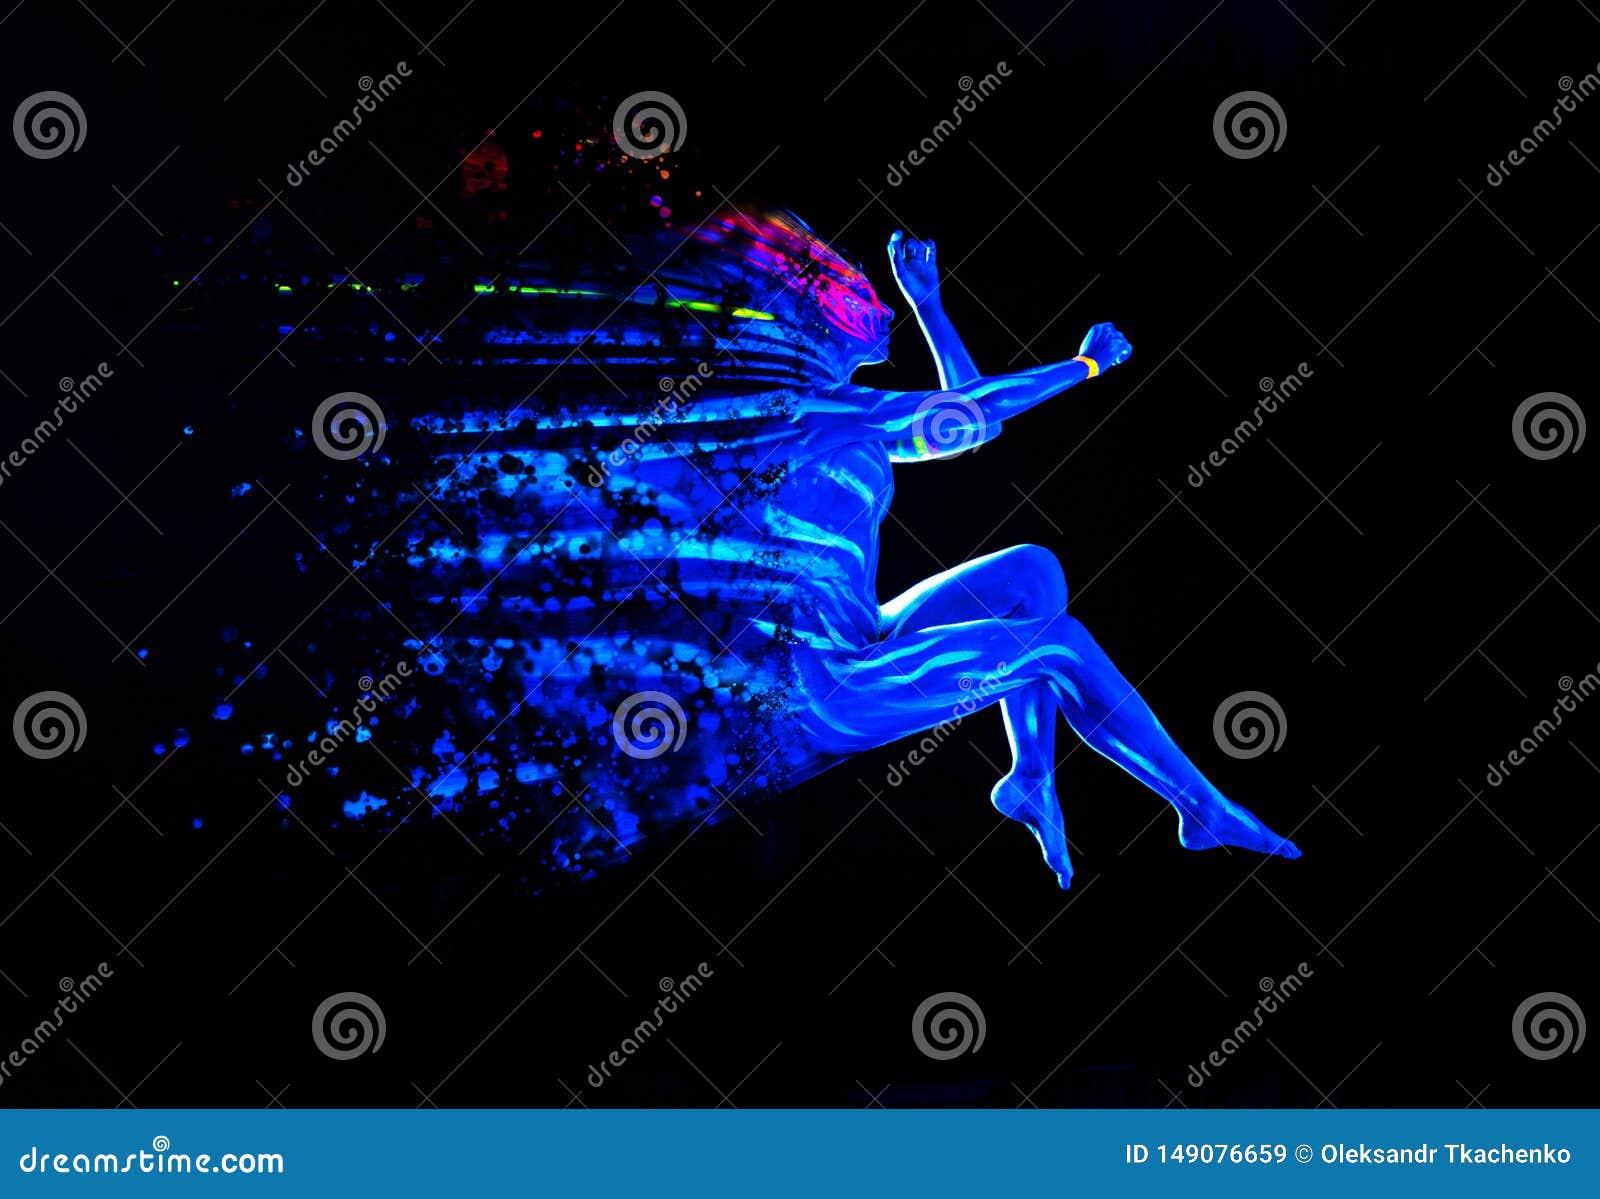 Corps brillant de lumière noire ultraviolette sur le corps de la jeune femme Une fille disparue sur fond noir Concept artistique